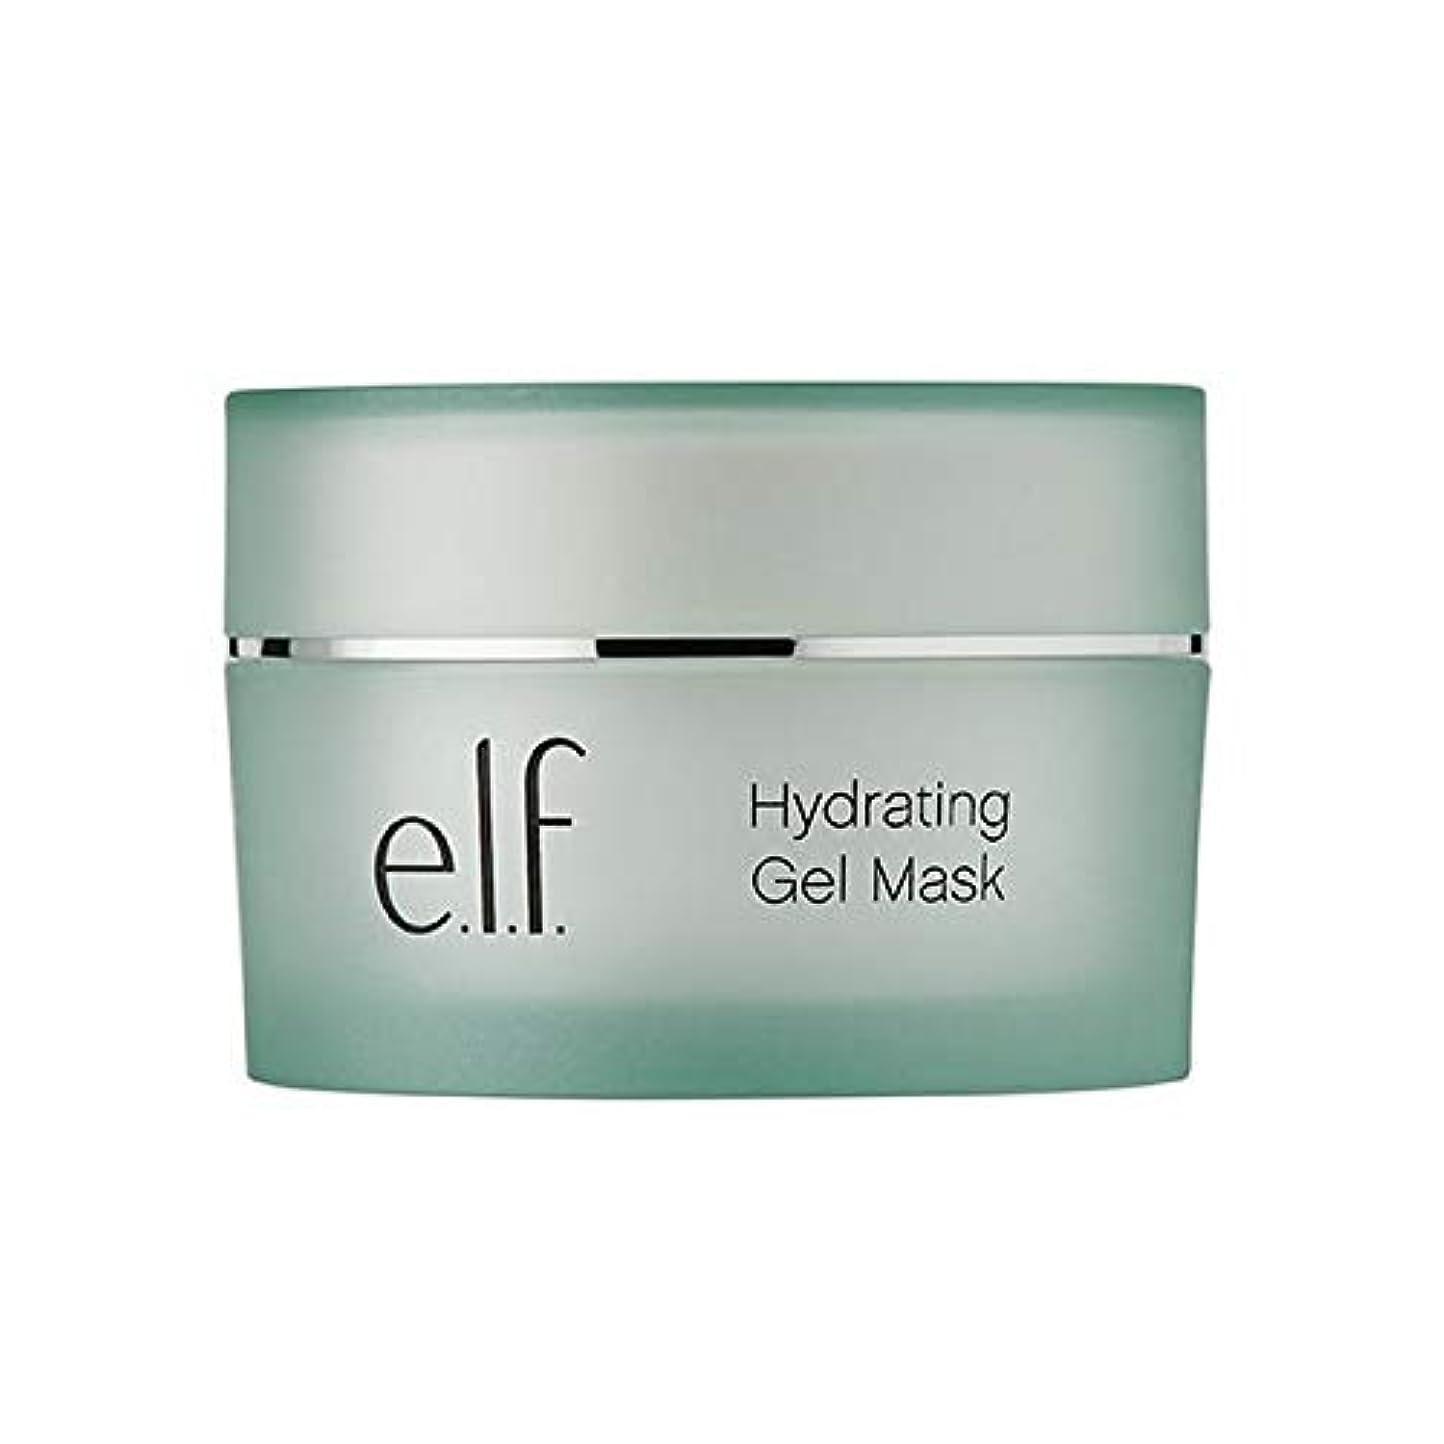 切る膿瘍適合する[Elf] エルフ。水和ゲルマスク52ミリリットル - e.l.f. Hydrating Gel Mask 52ml [並行輸入品]